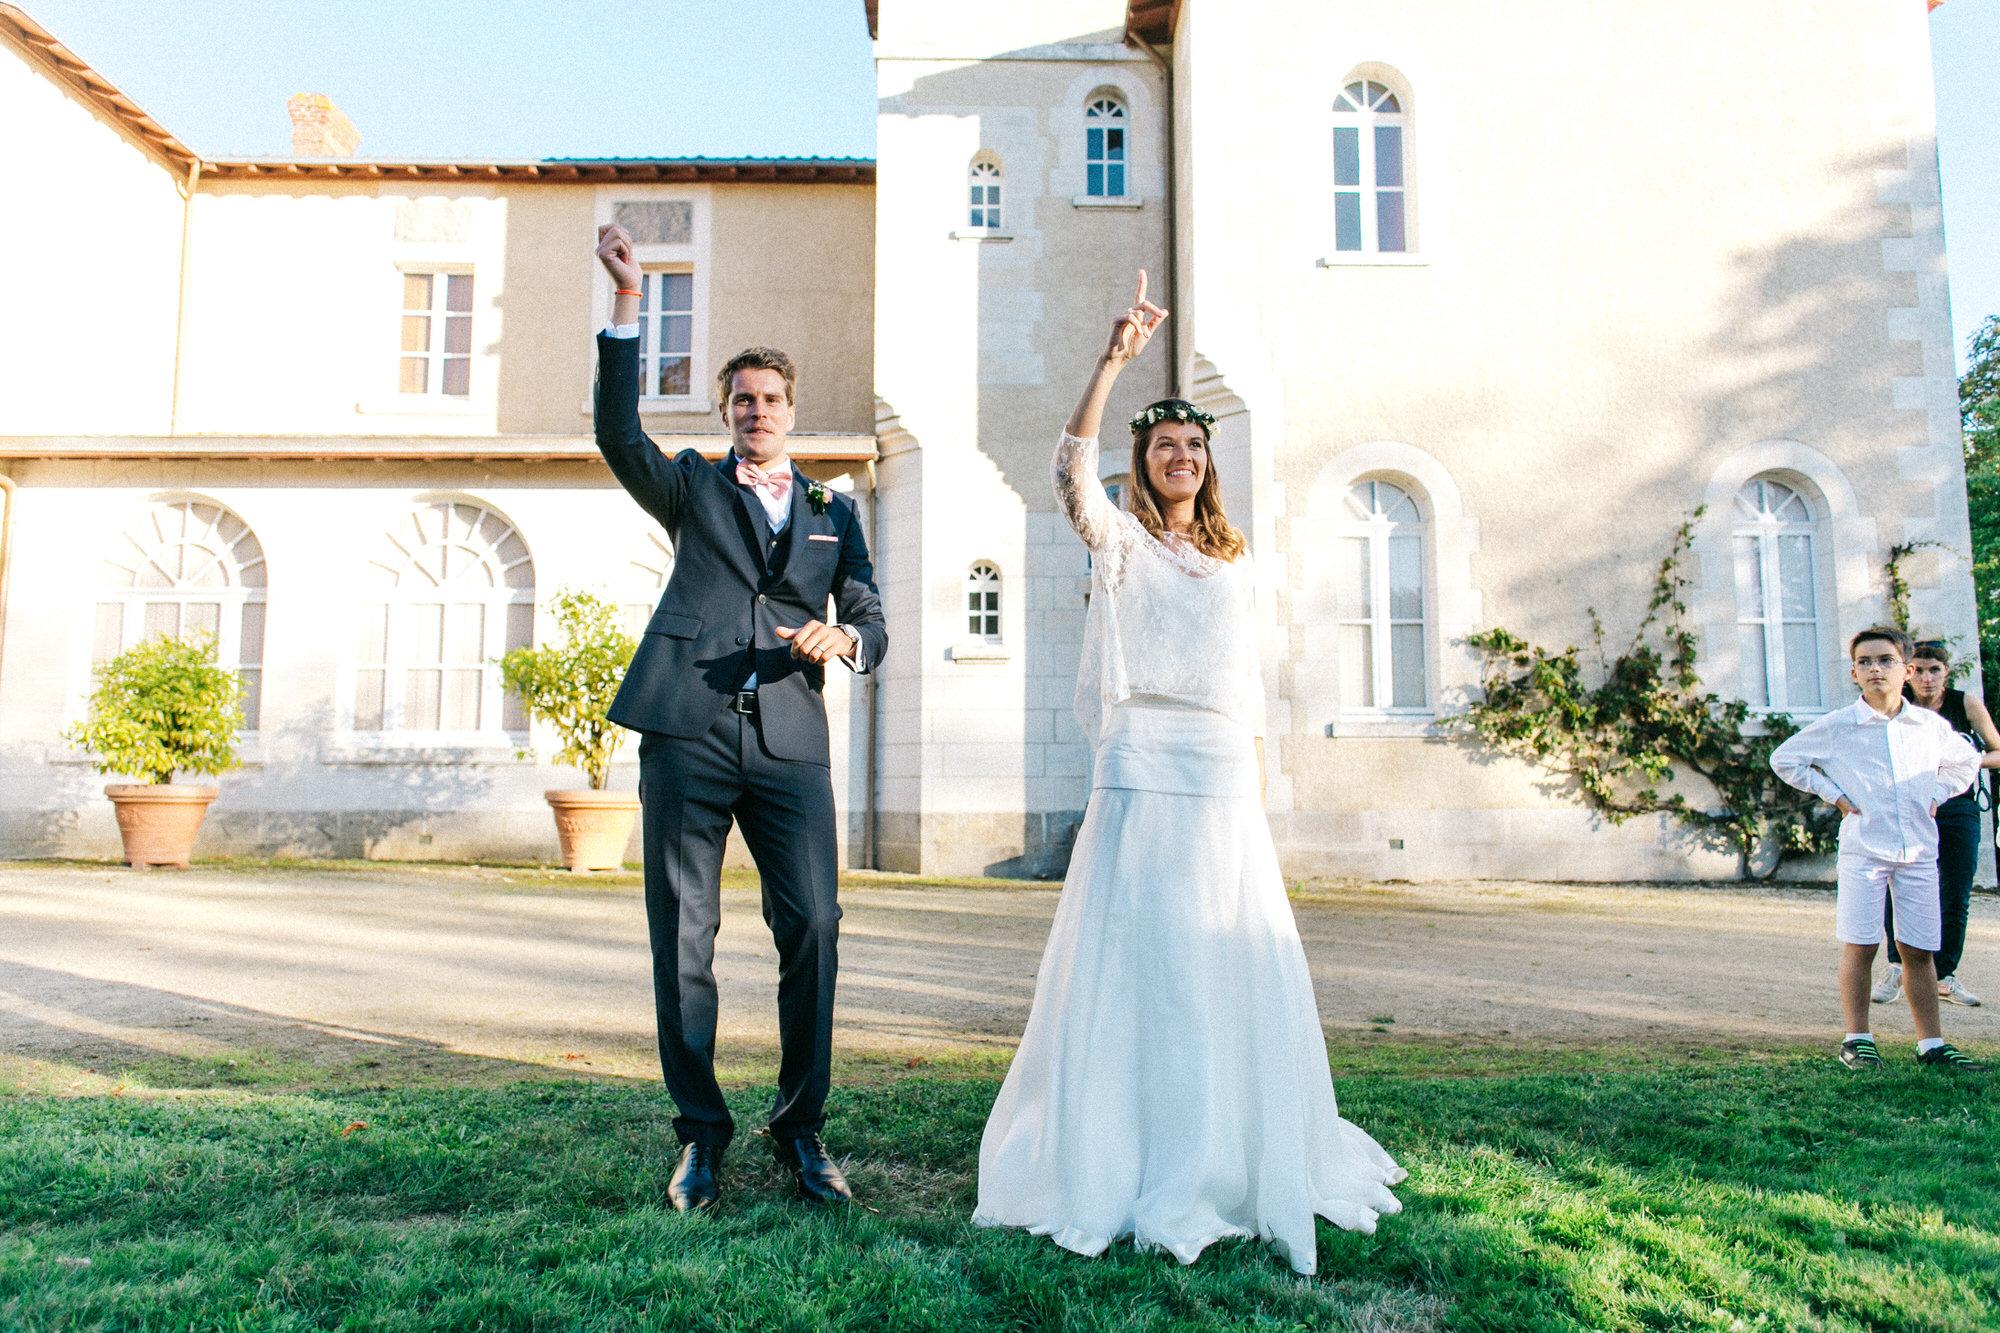 photographe-mariage-la-roche-sur-yon-34